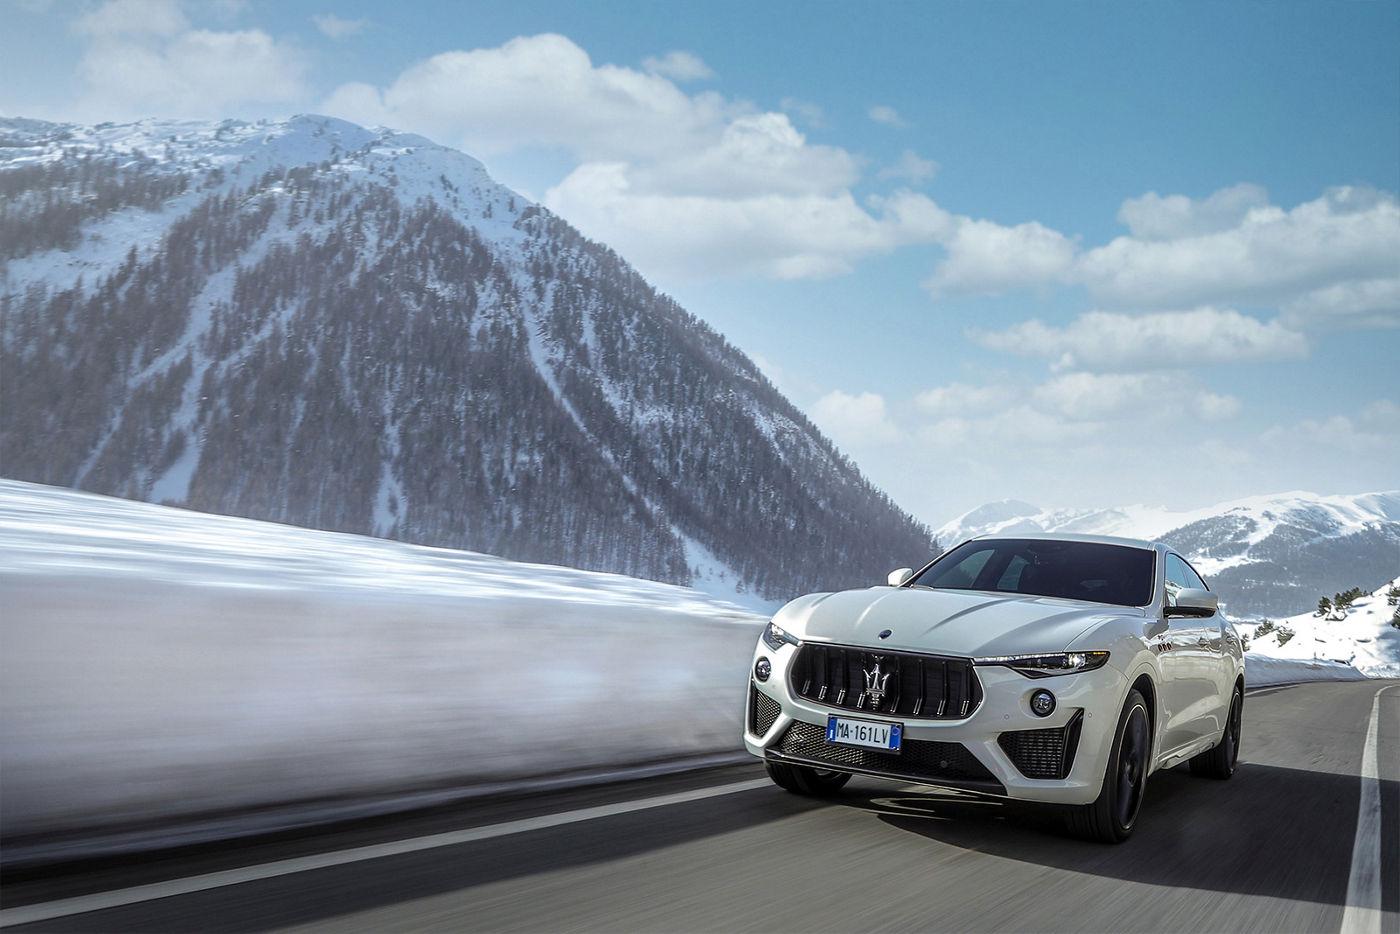 Maserati Levante fährt auf der Straße in Winterlandschaft